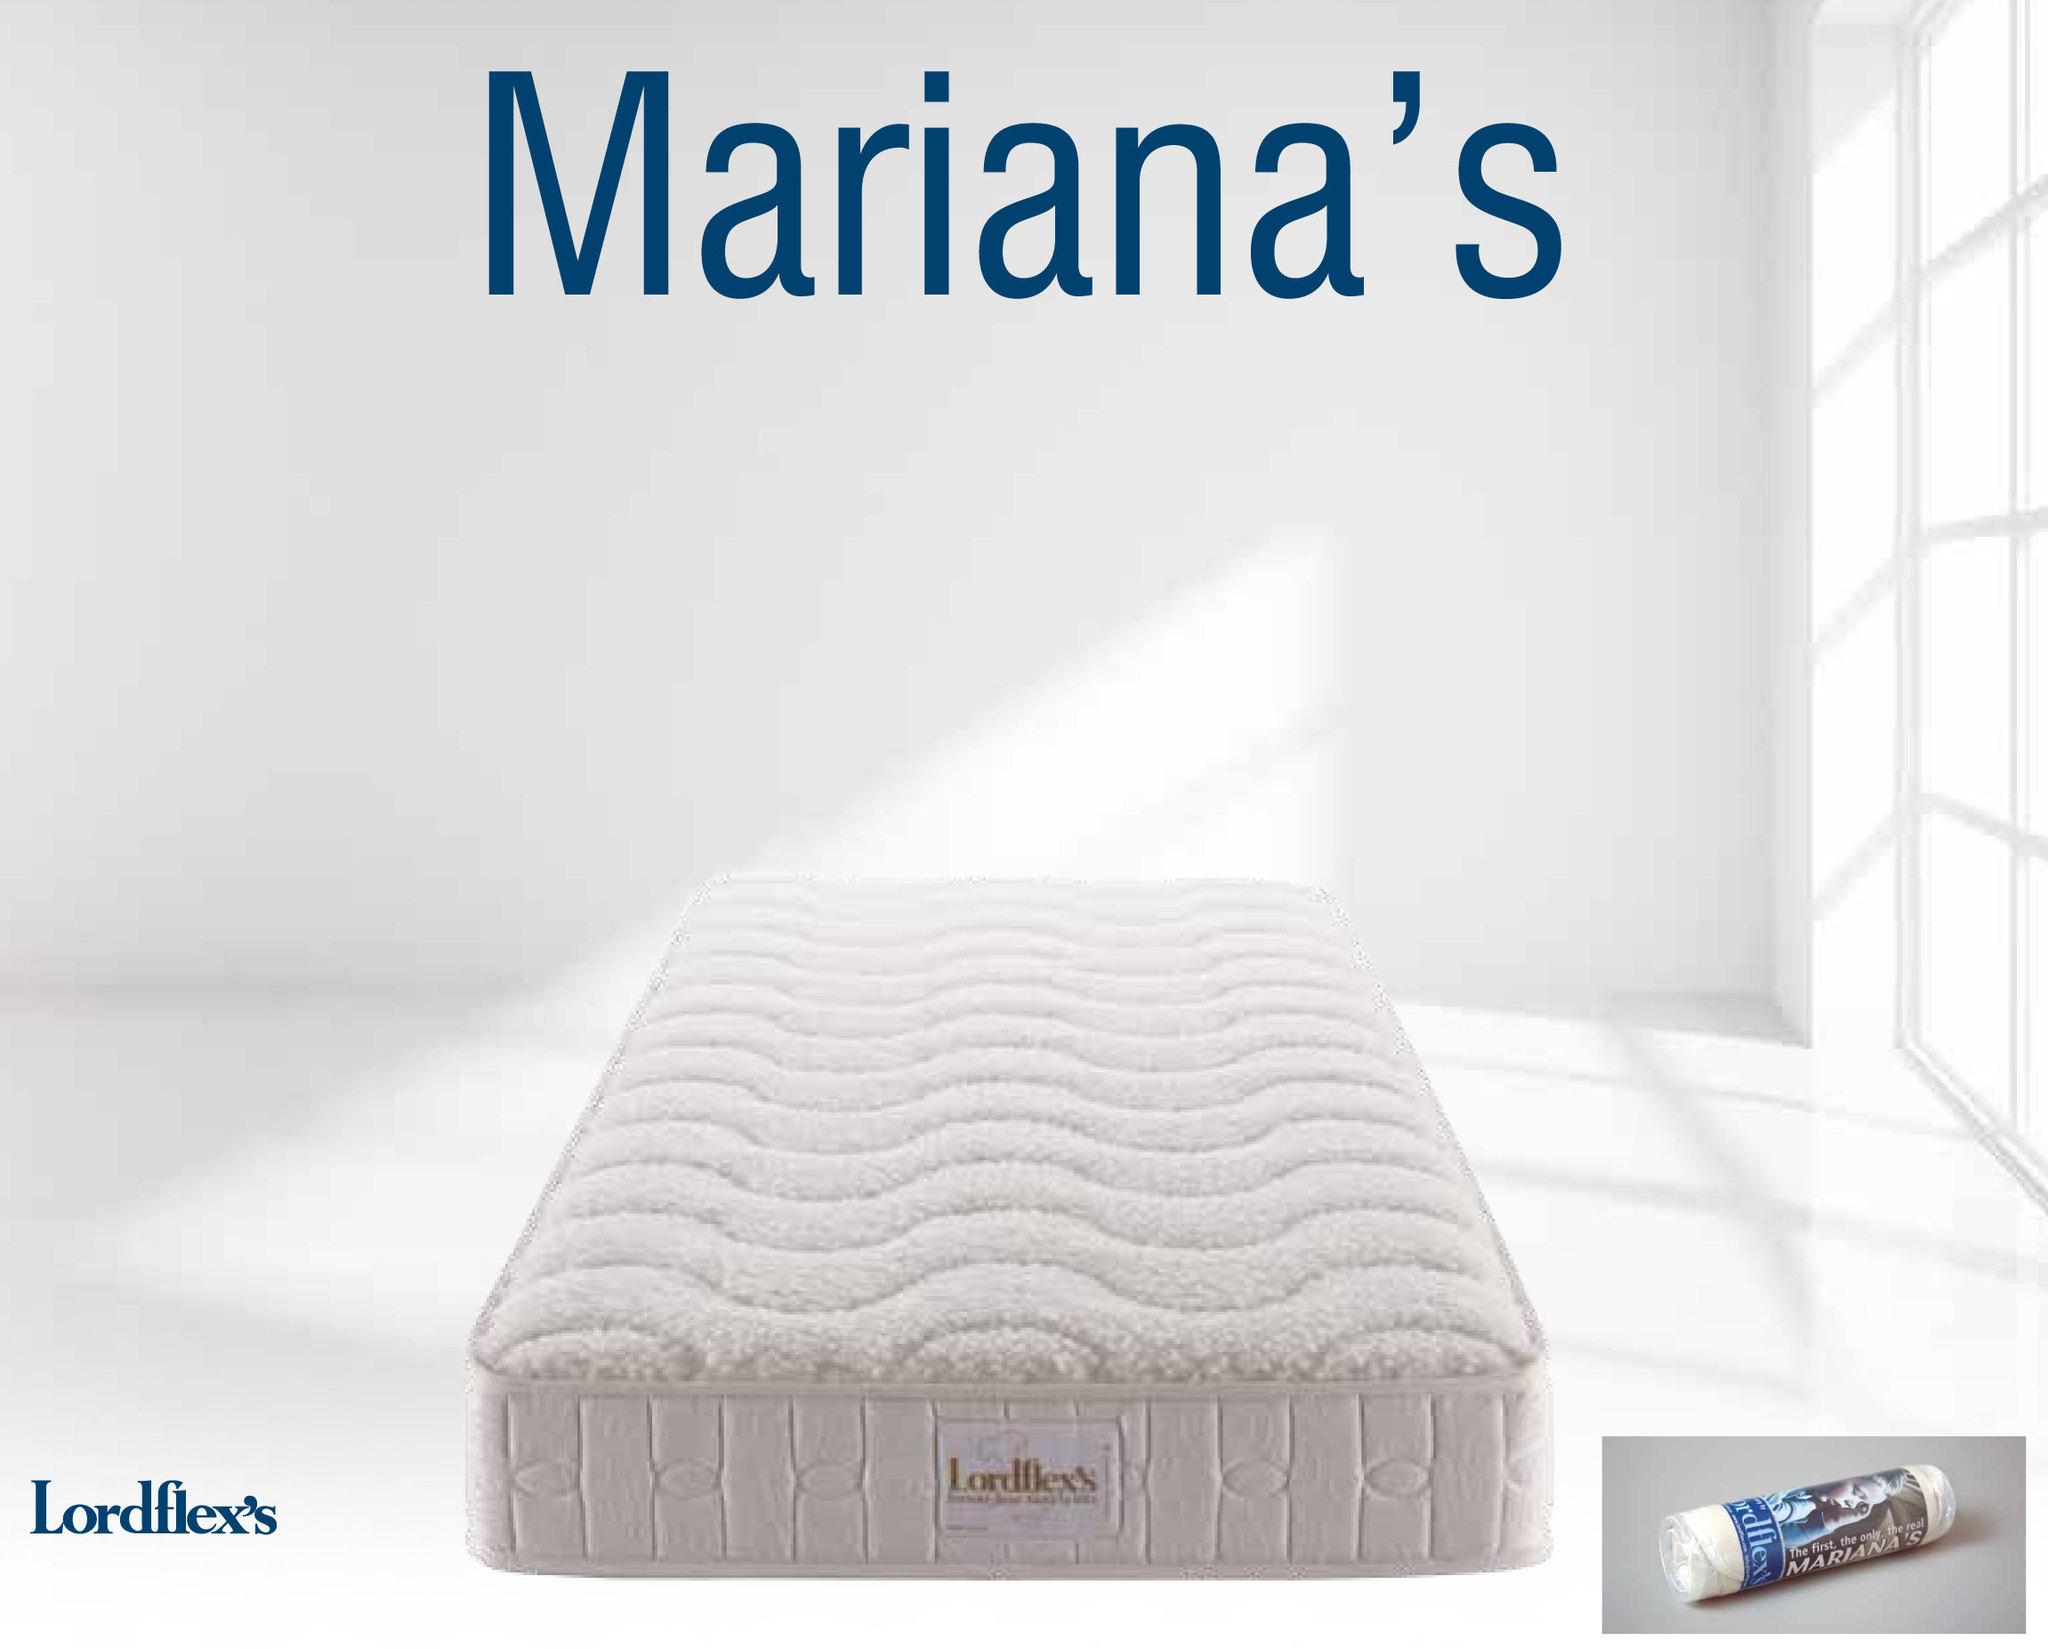 Матрасы Матрас ортопедический Lordflex's Mariana's 100х200 до 140 кг в вакуумной упаковке 1_Mariana_s.jpg